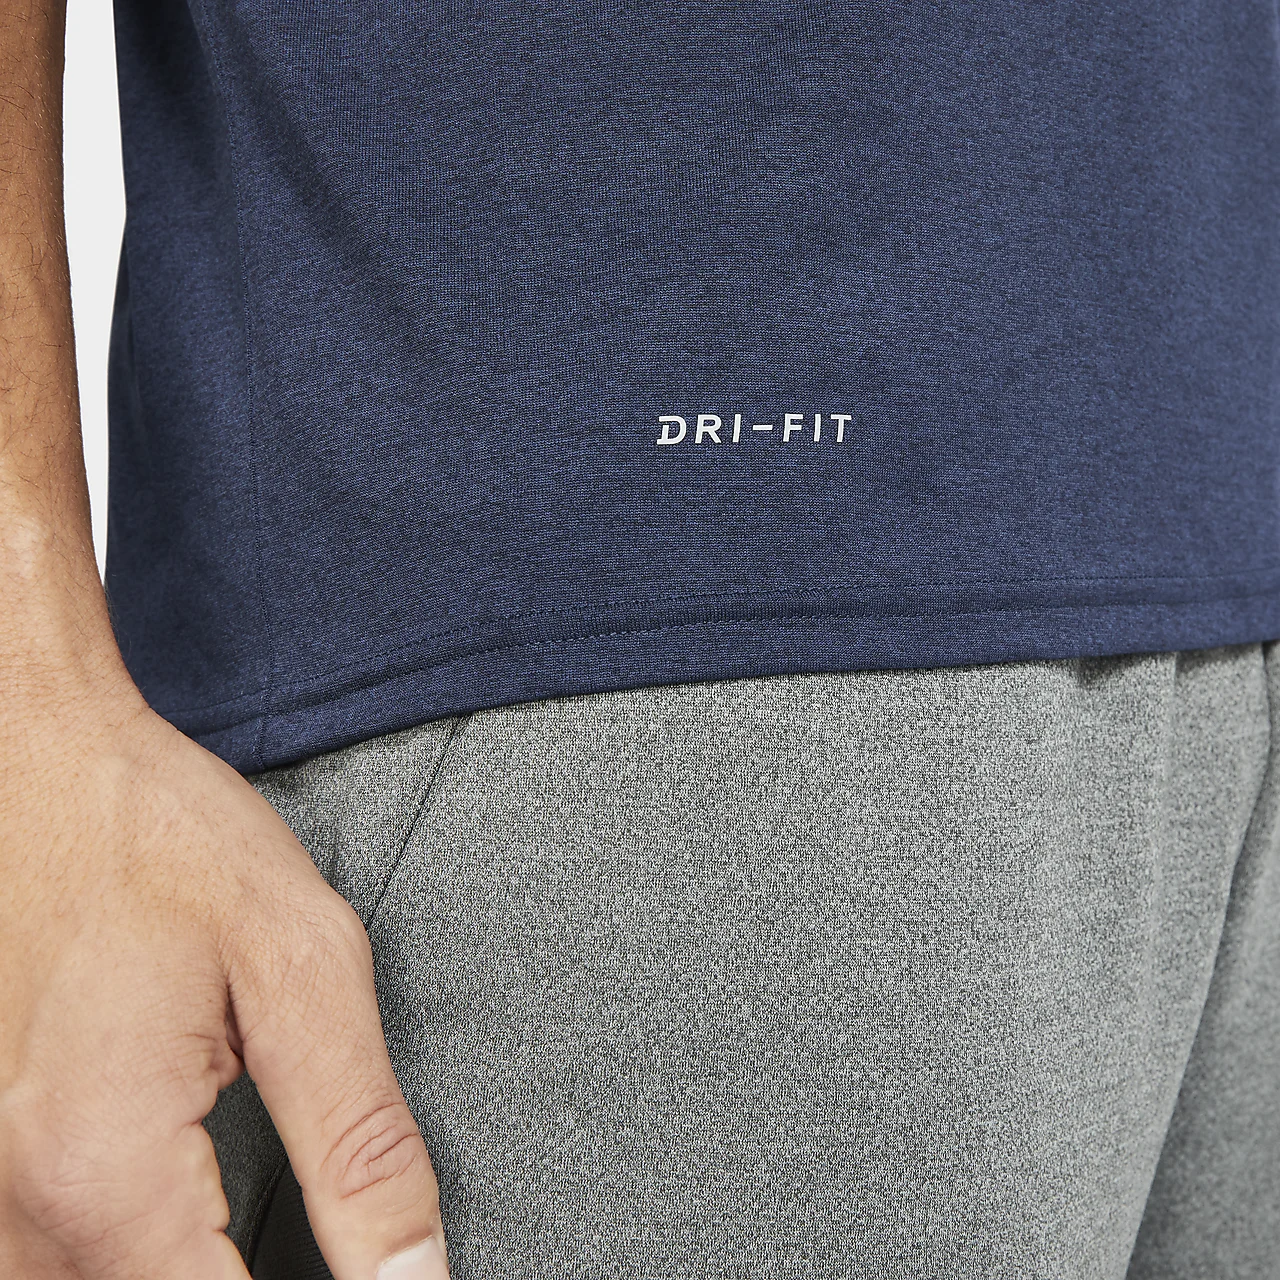 나이키 드라이핏 SFS 남성 티셔츠 M21418-NVY